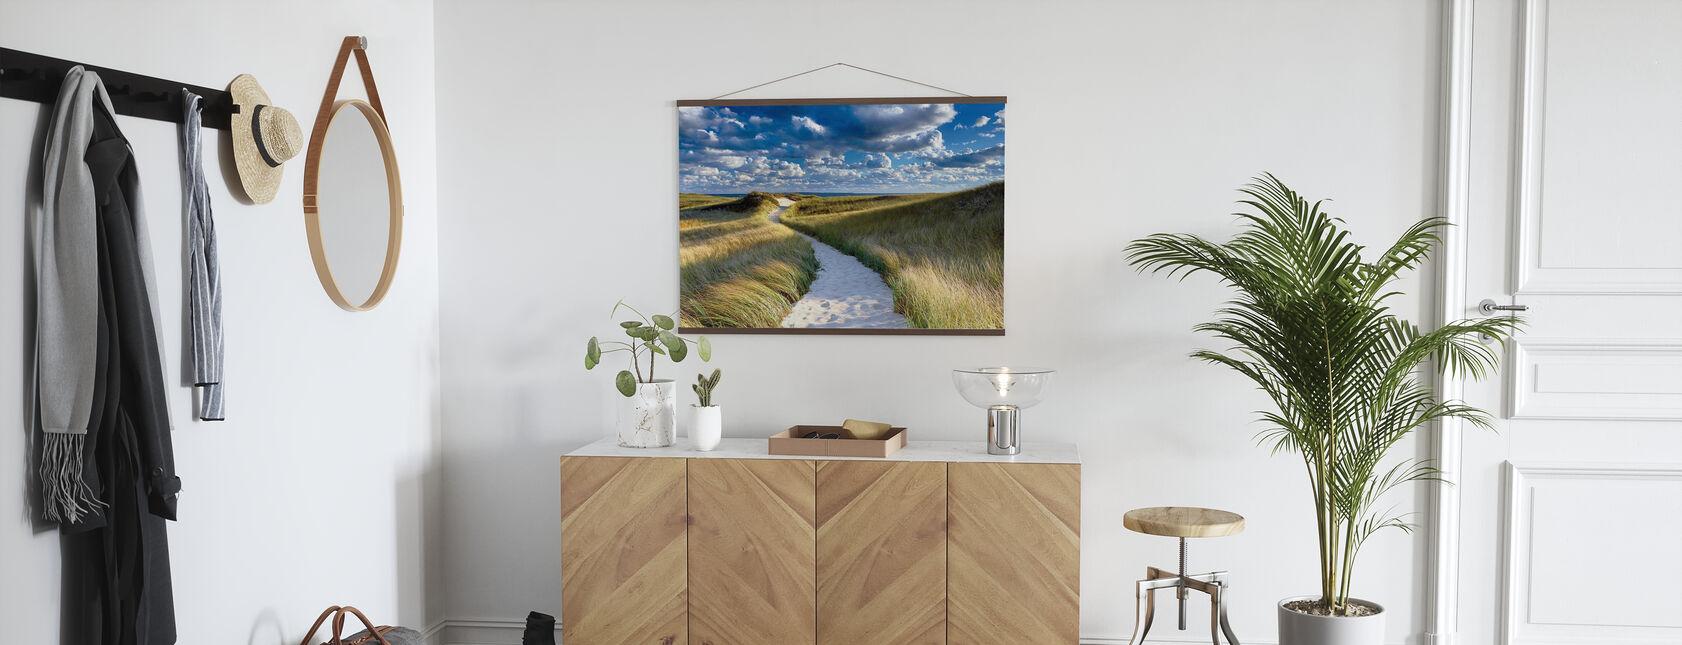 Spiaggia di Philbin - Poster - Sala